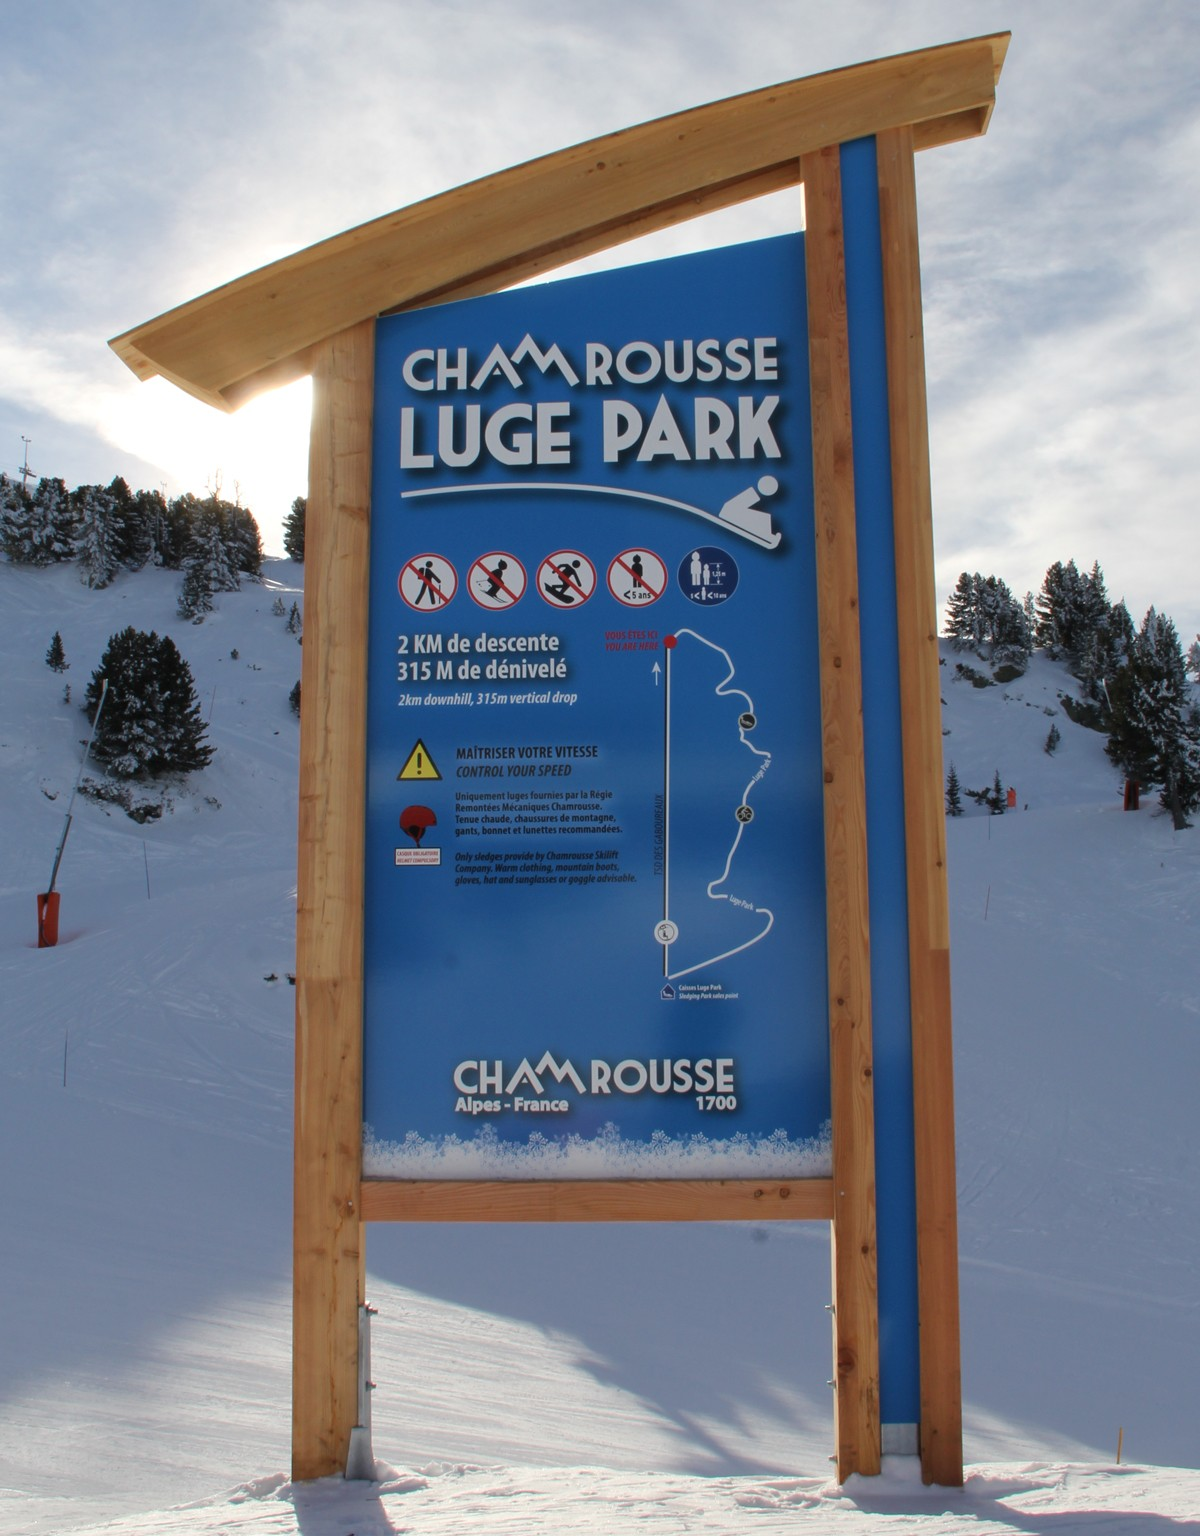 Chamrousse panneau Luge Park station ski hiver isère alpes france